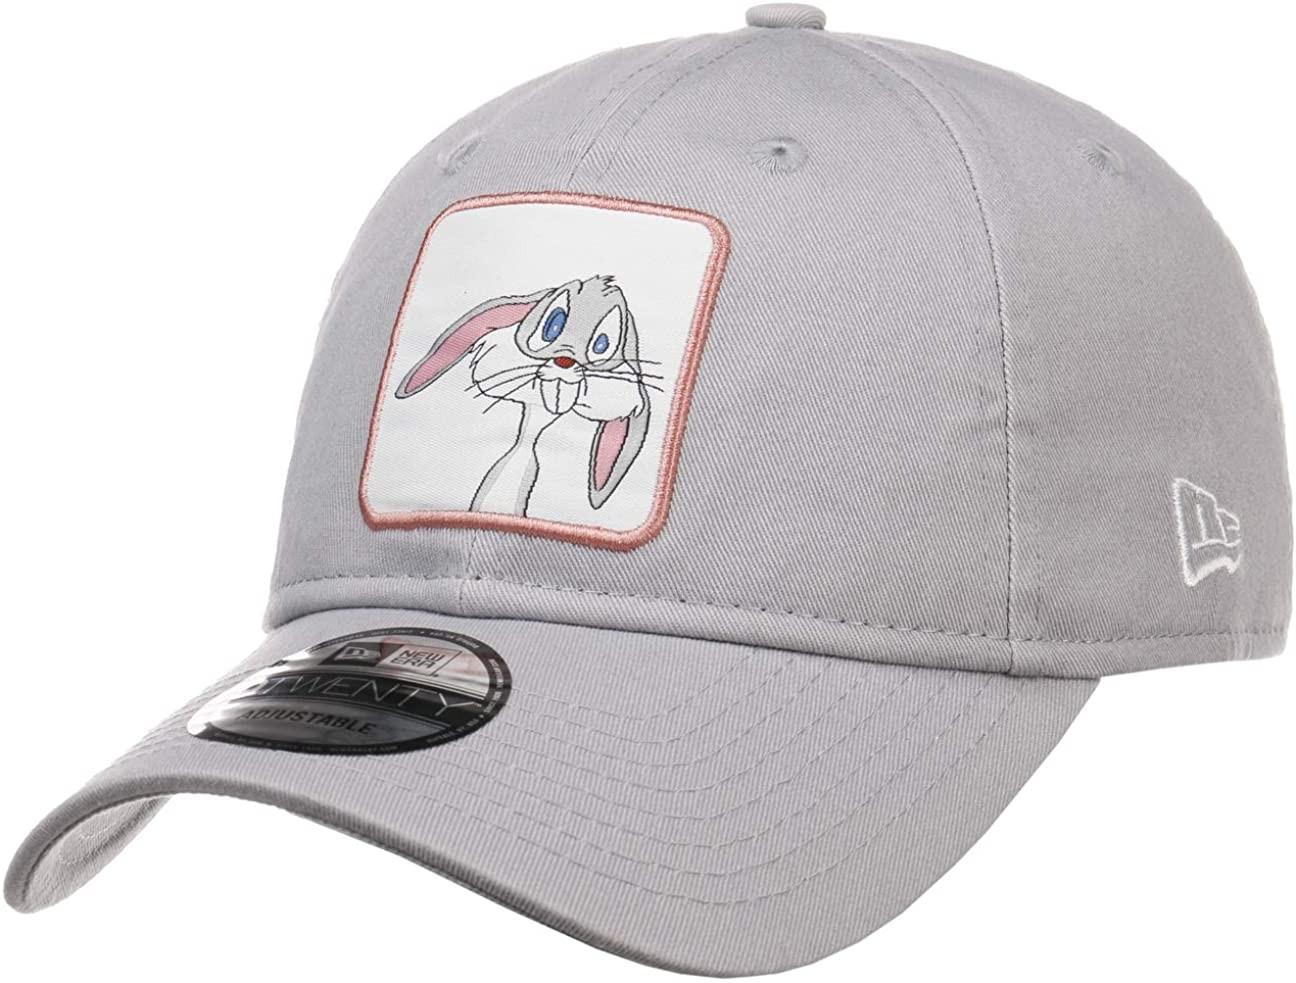 可爱灰色棒球帽